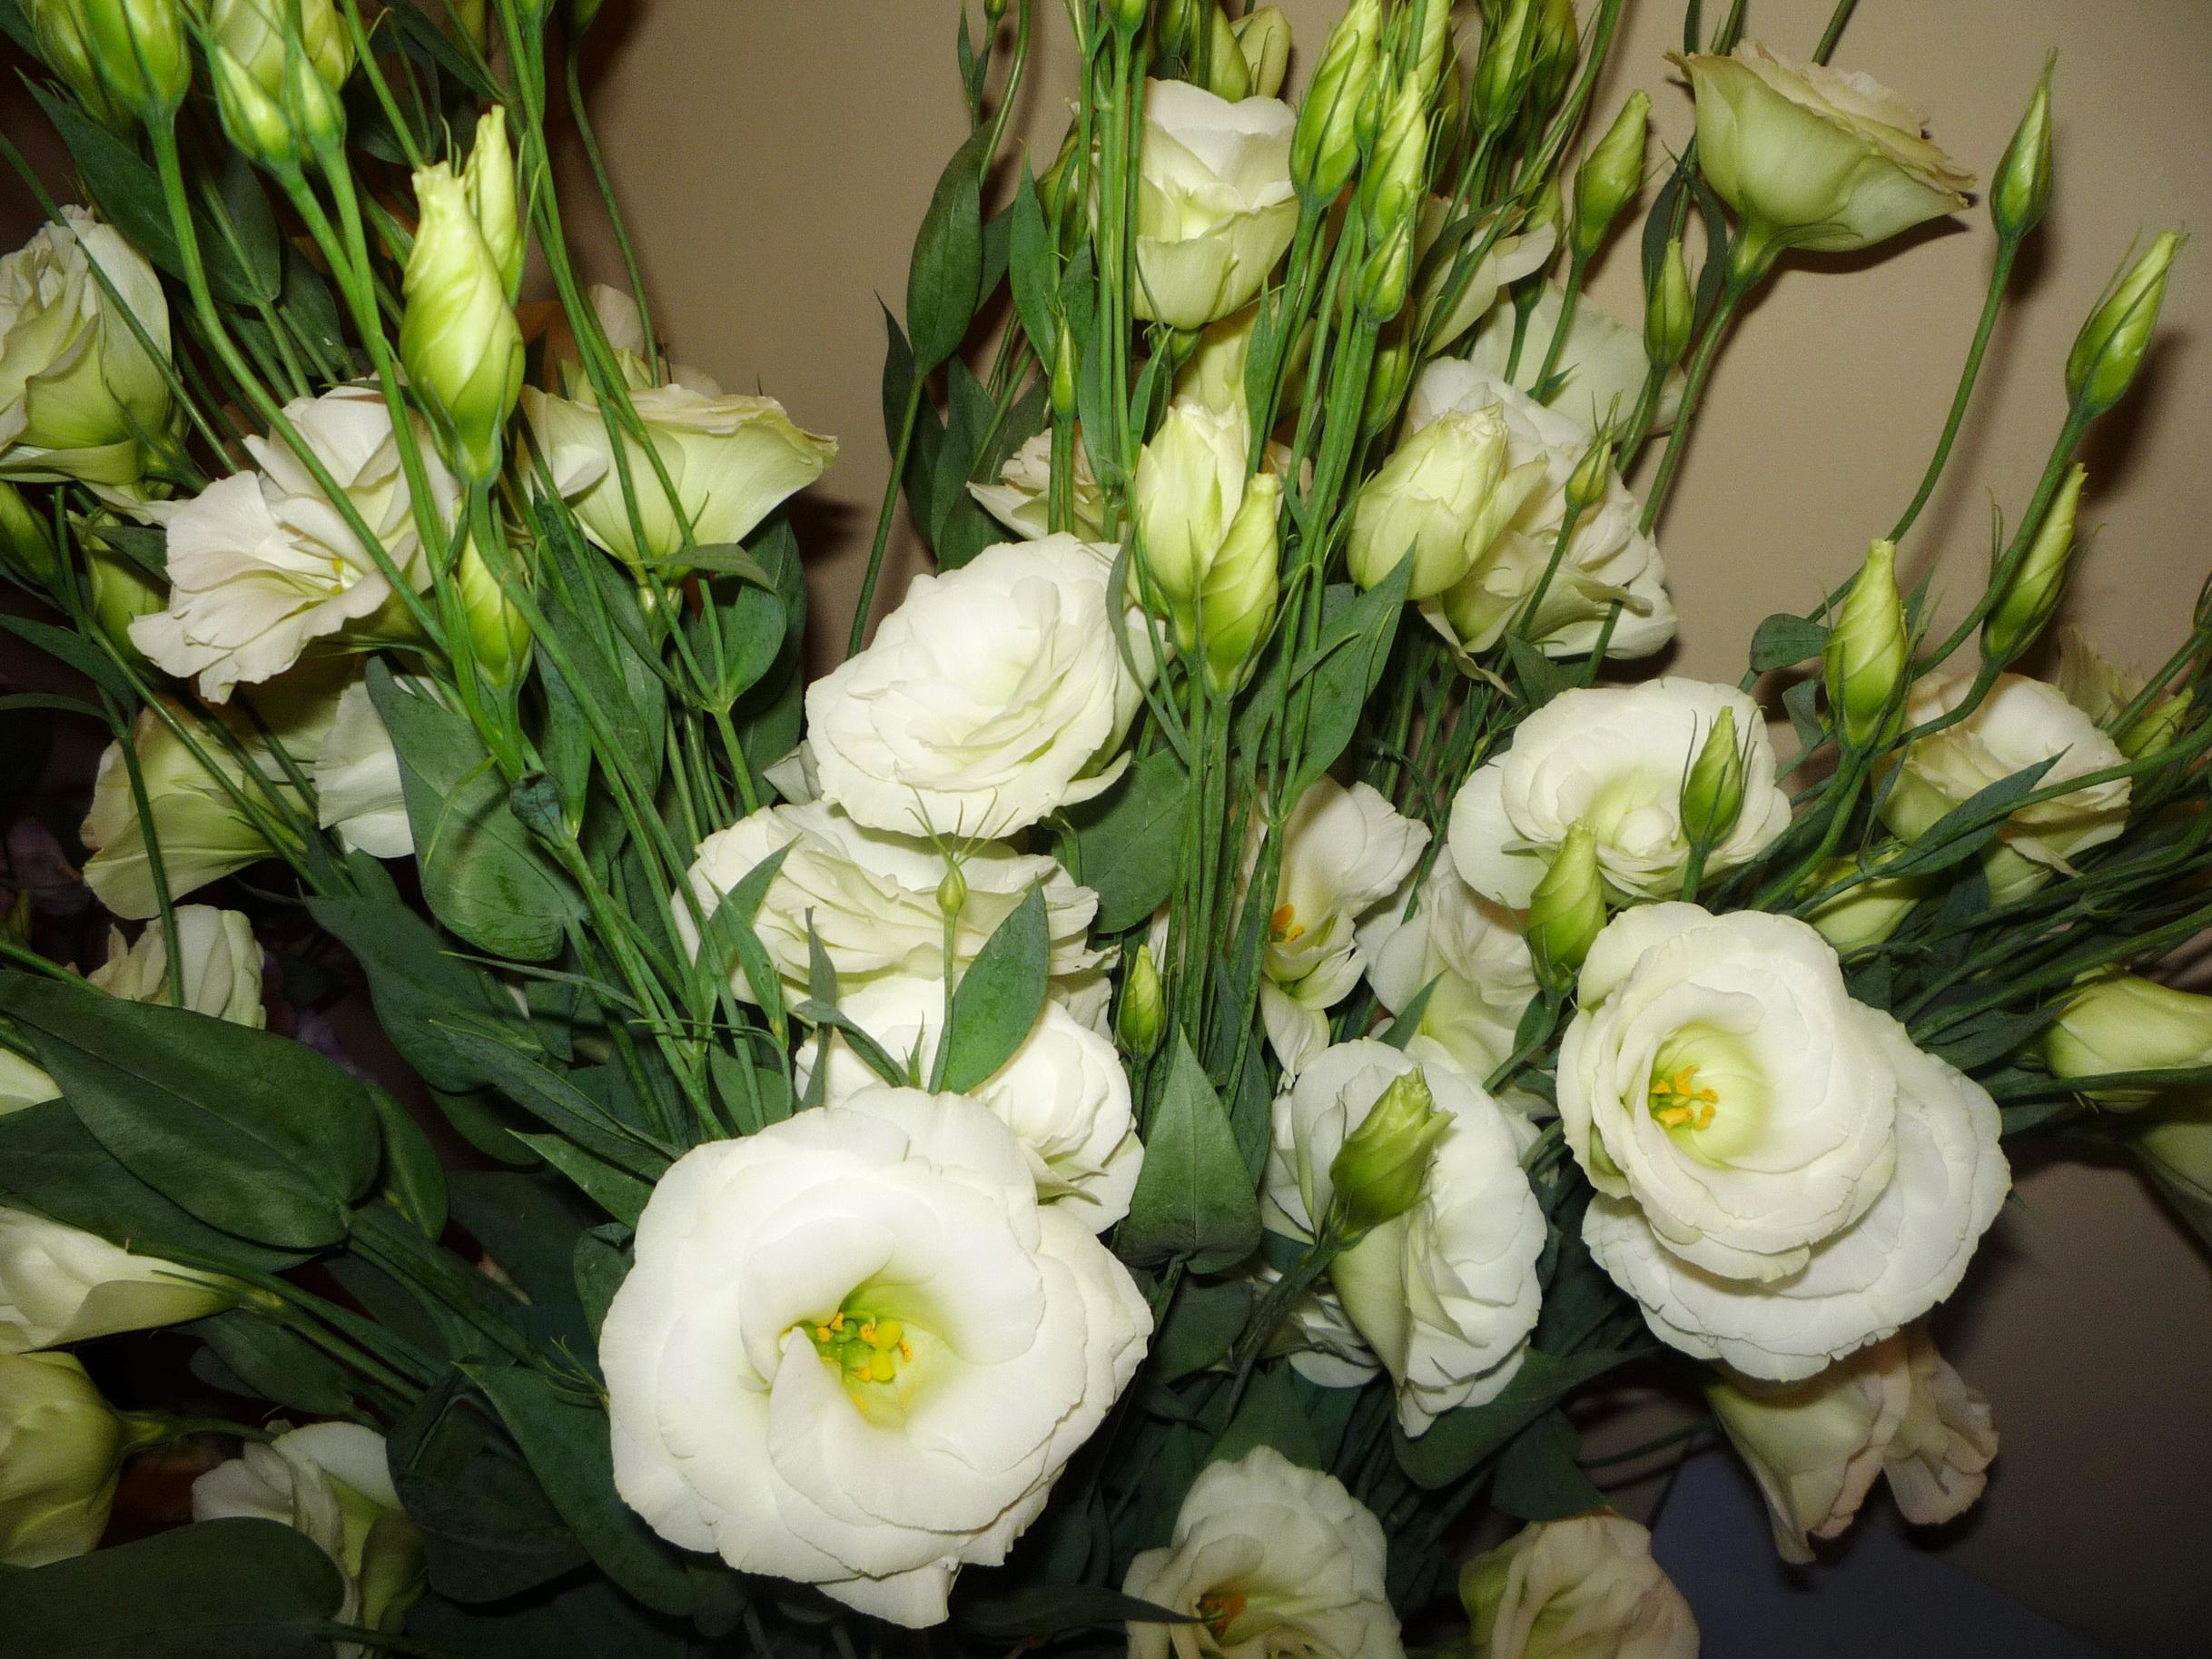 Зара каталог, цветы похожие на розы кустовые